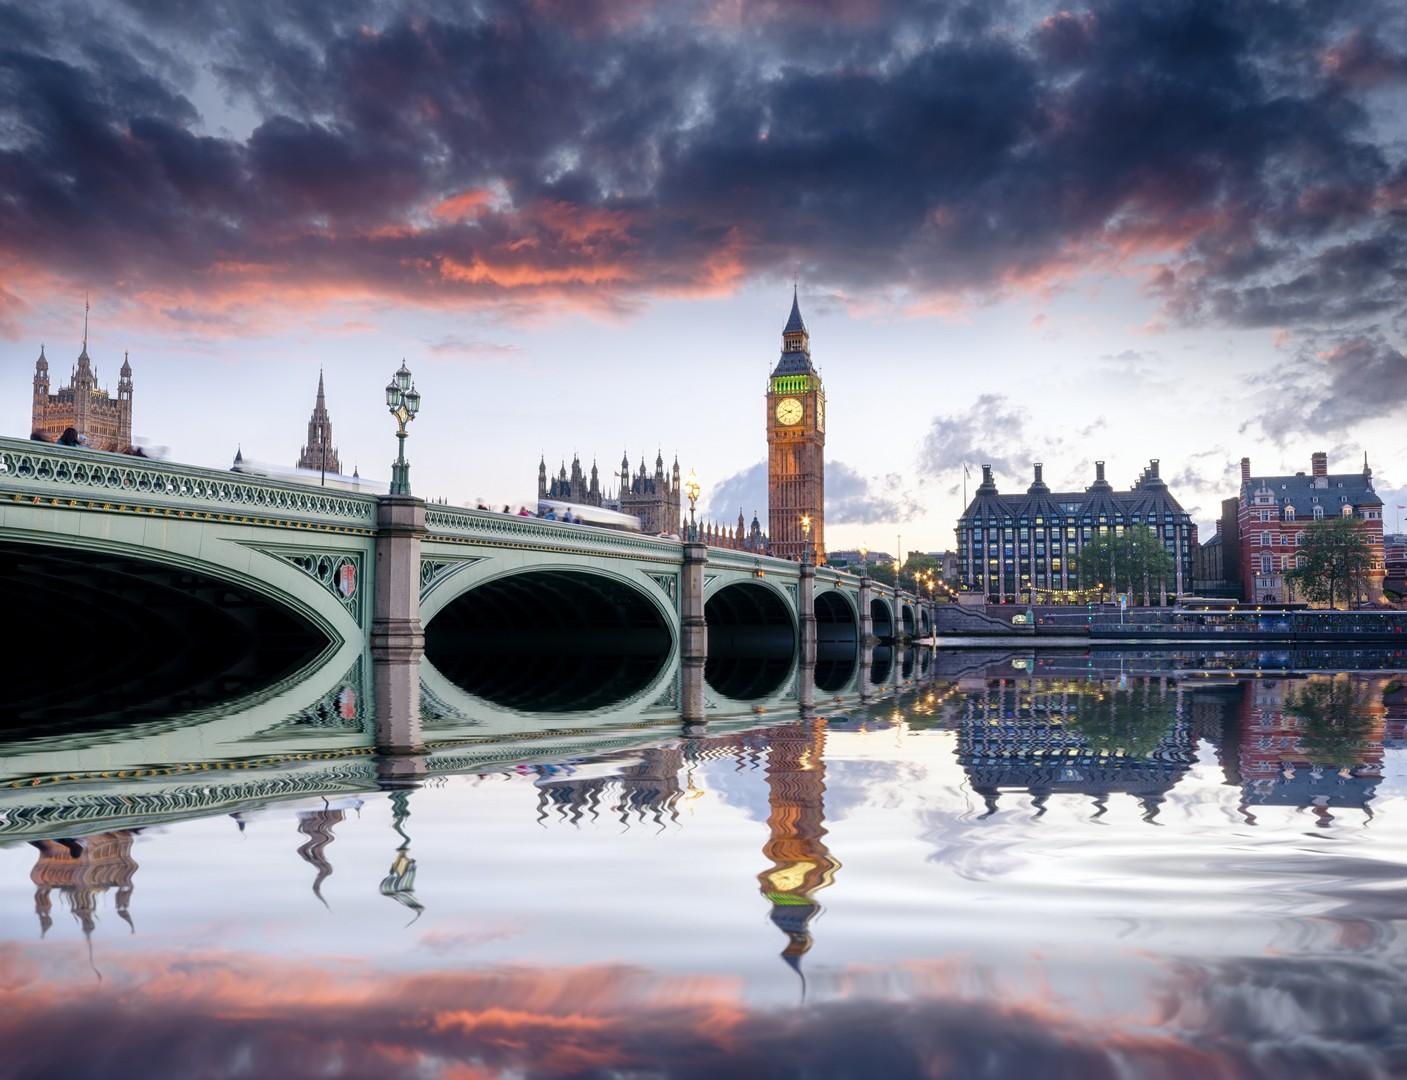 besplatna usluga upoznavanja u Londonu novo web mjesto za upoznavanje 2015